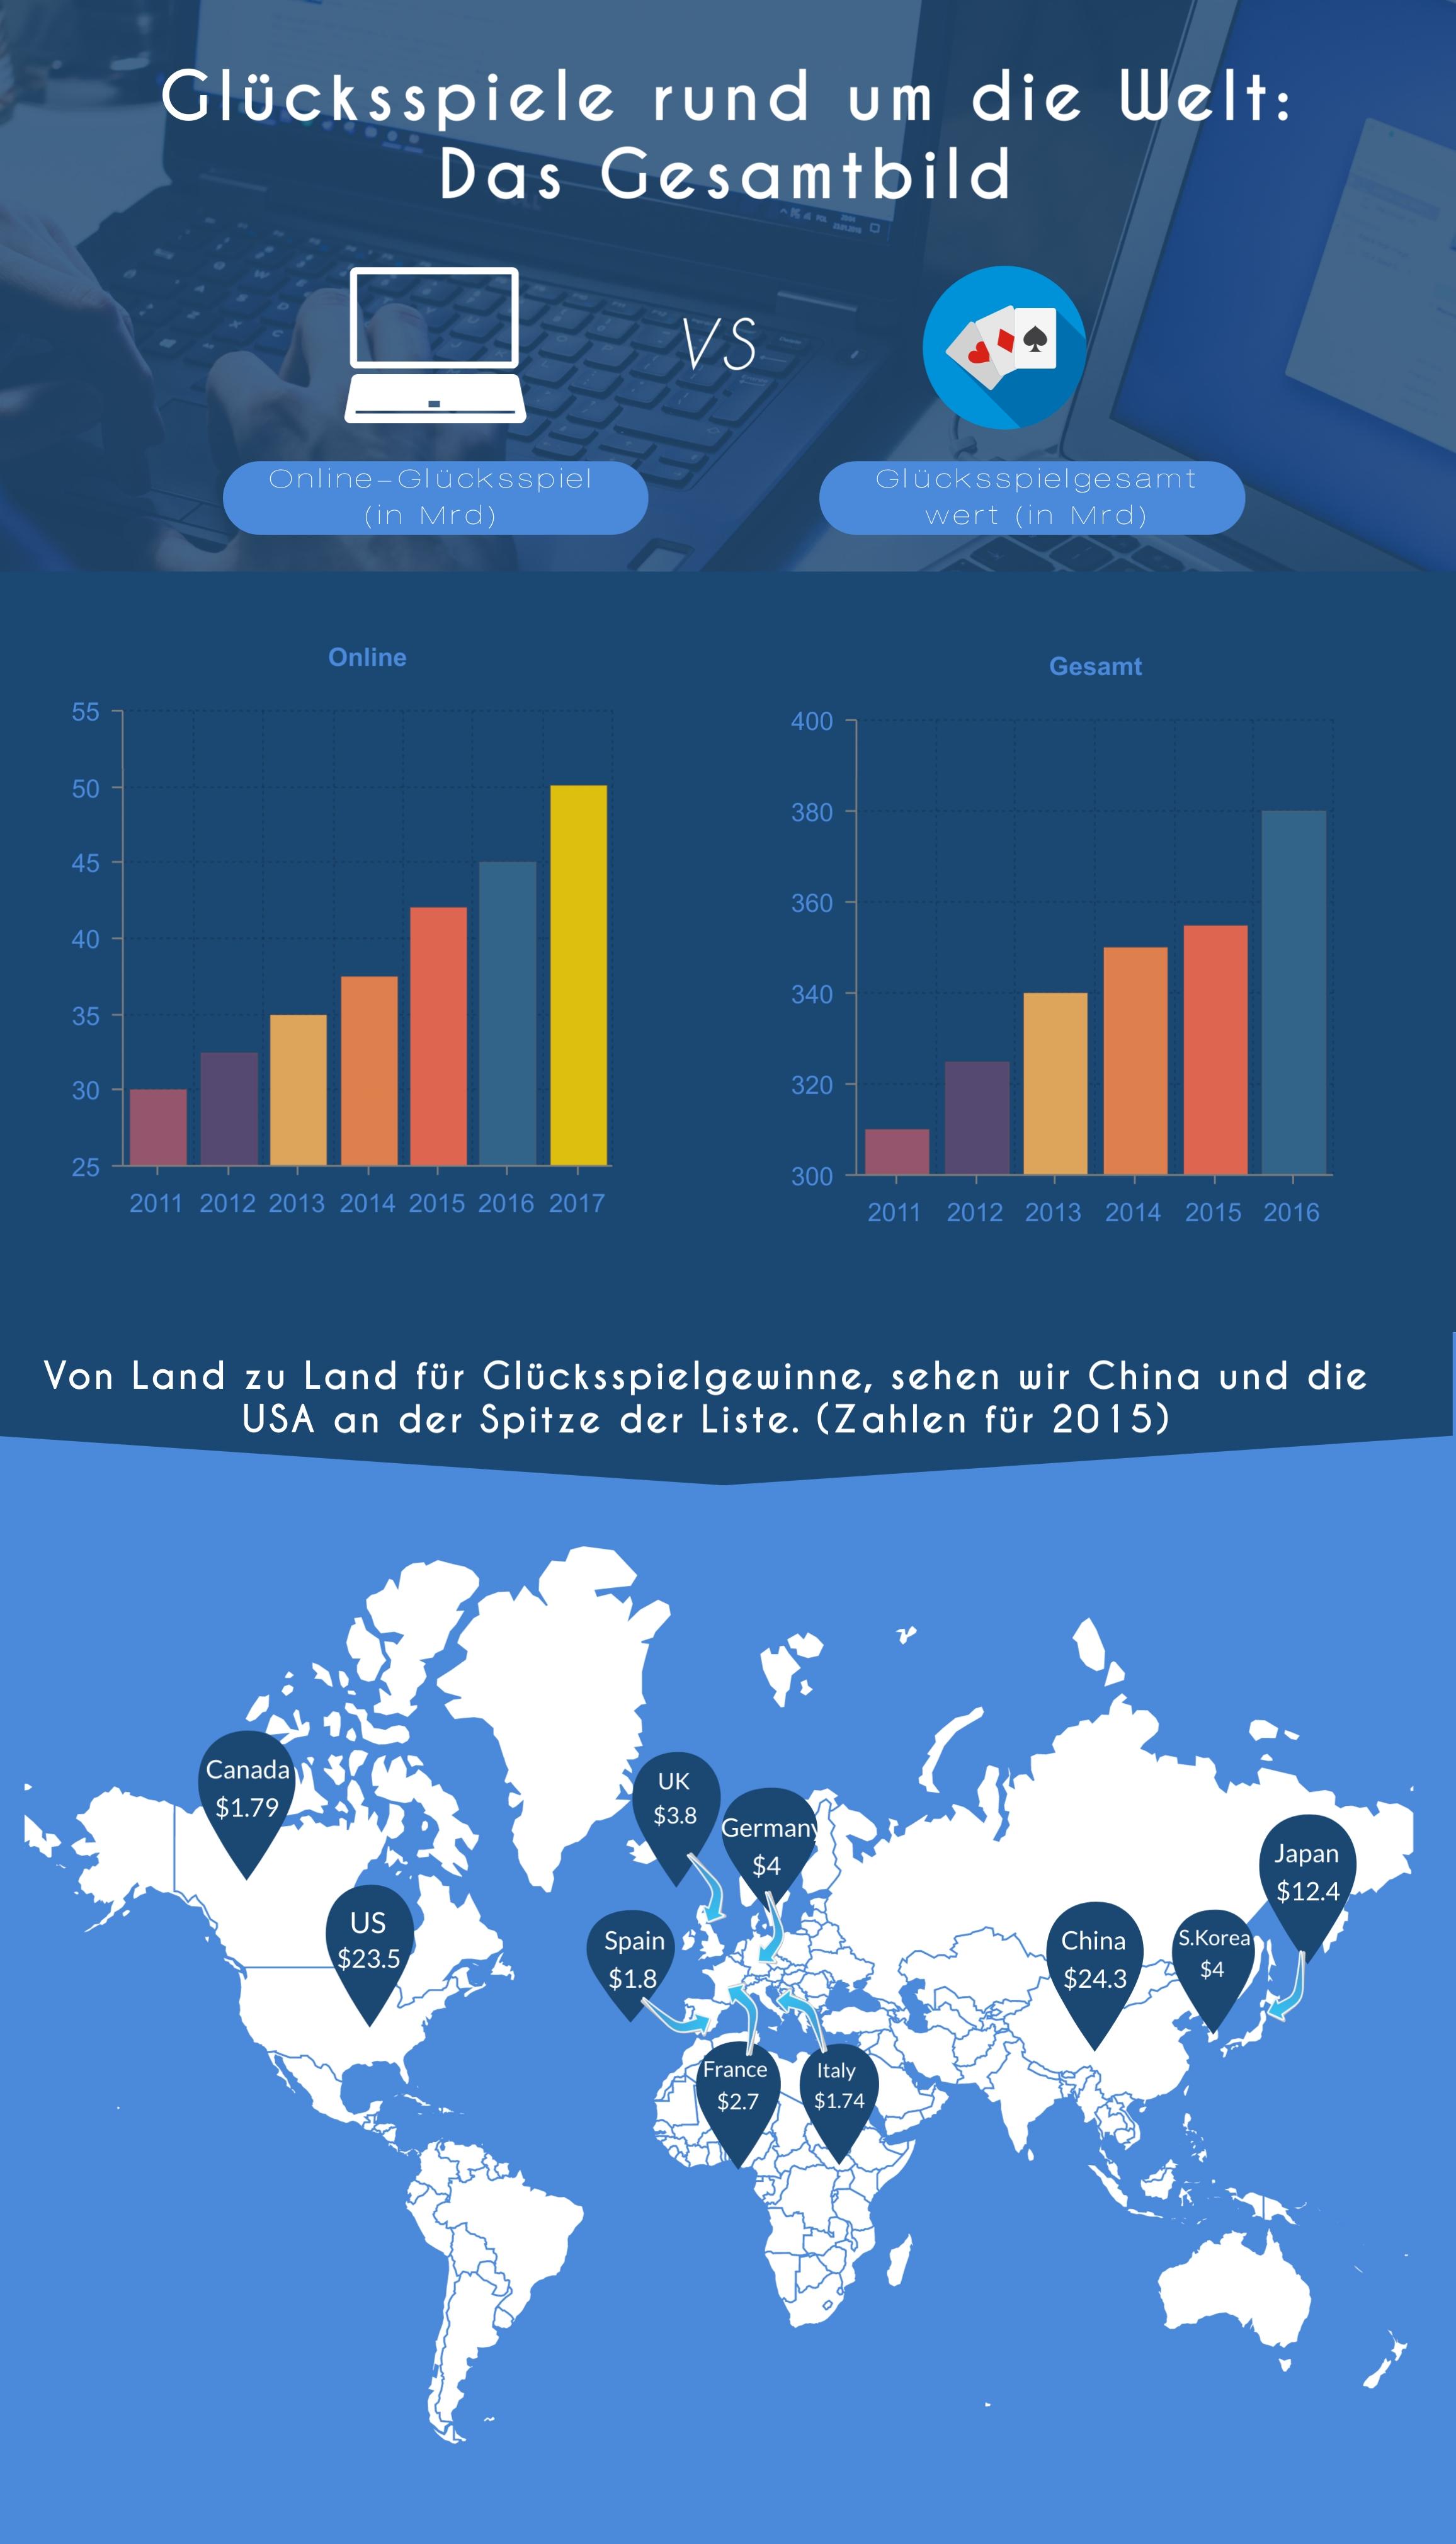 Gluecksspiele rund um die Welt